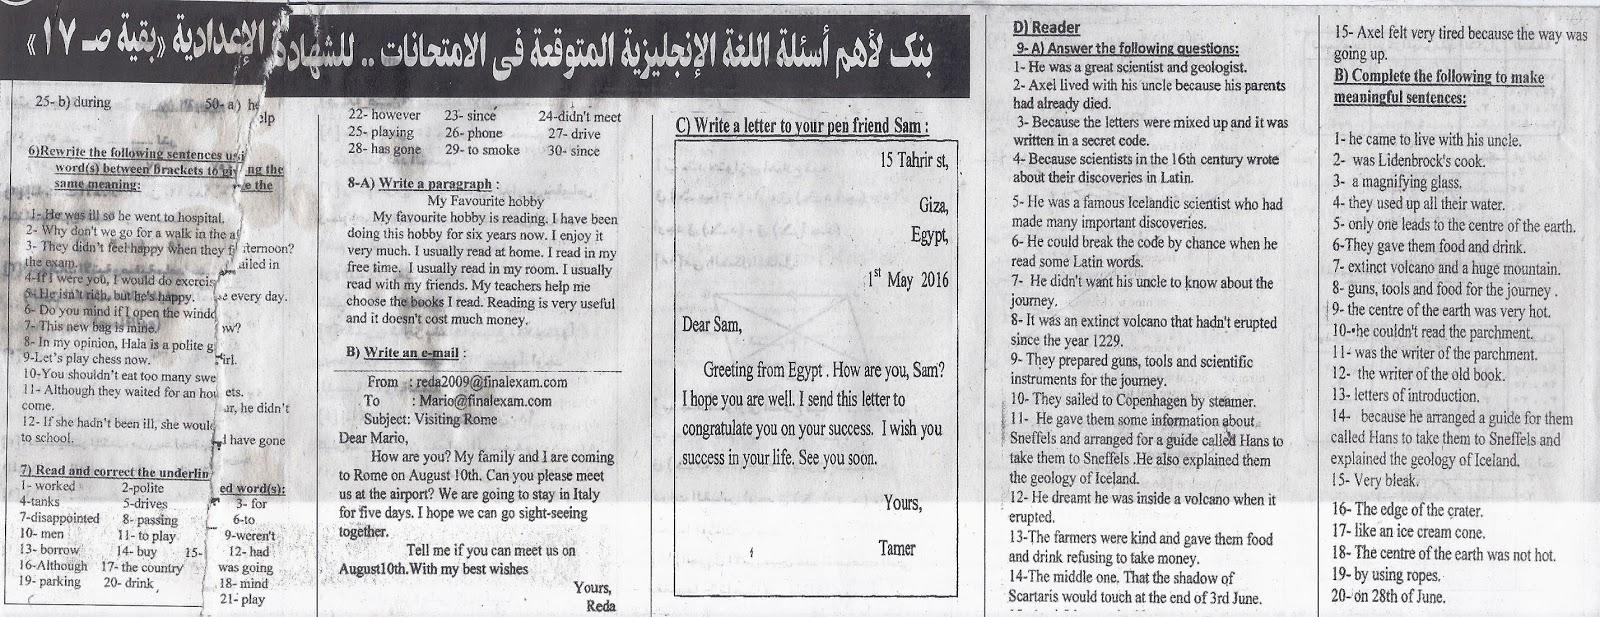 ملحق الجمهورية: ينشر مراجعة شاملة لاهم سئلة اللغة الانجليزية المتوقعة فى امتحان نصف العام للشهادة الاعدادية 5